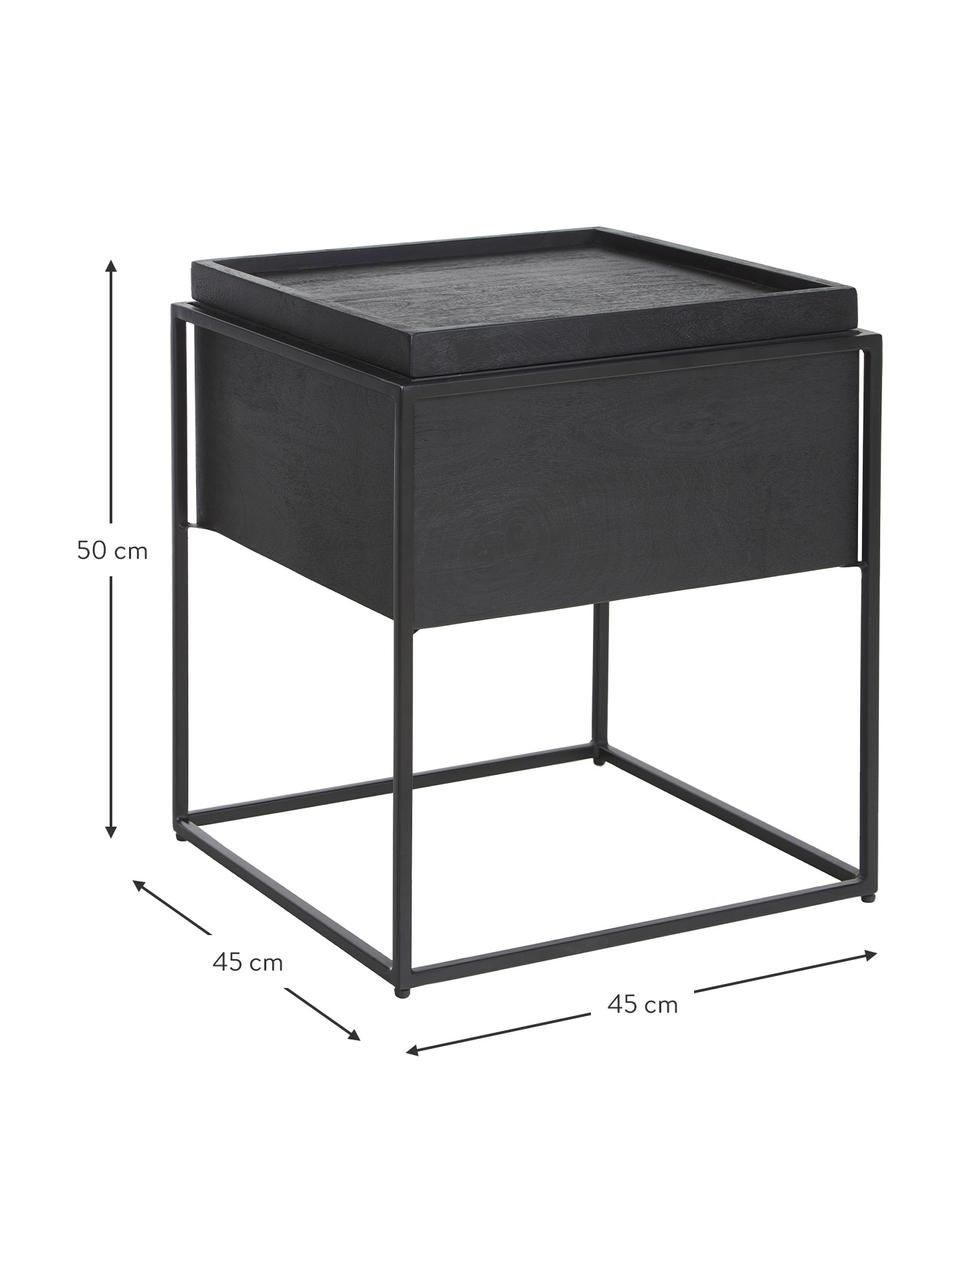 Bijzettafel Theo met opbergruimte, Frame: gepoedercoat metaal, Frame: zwart gelakt mangohout. Frame: mat zwart, 45 x 50 cm